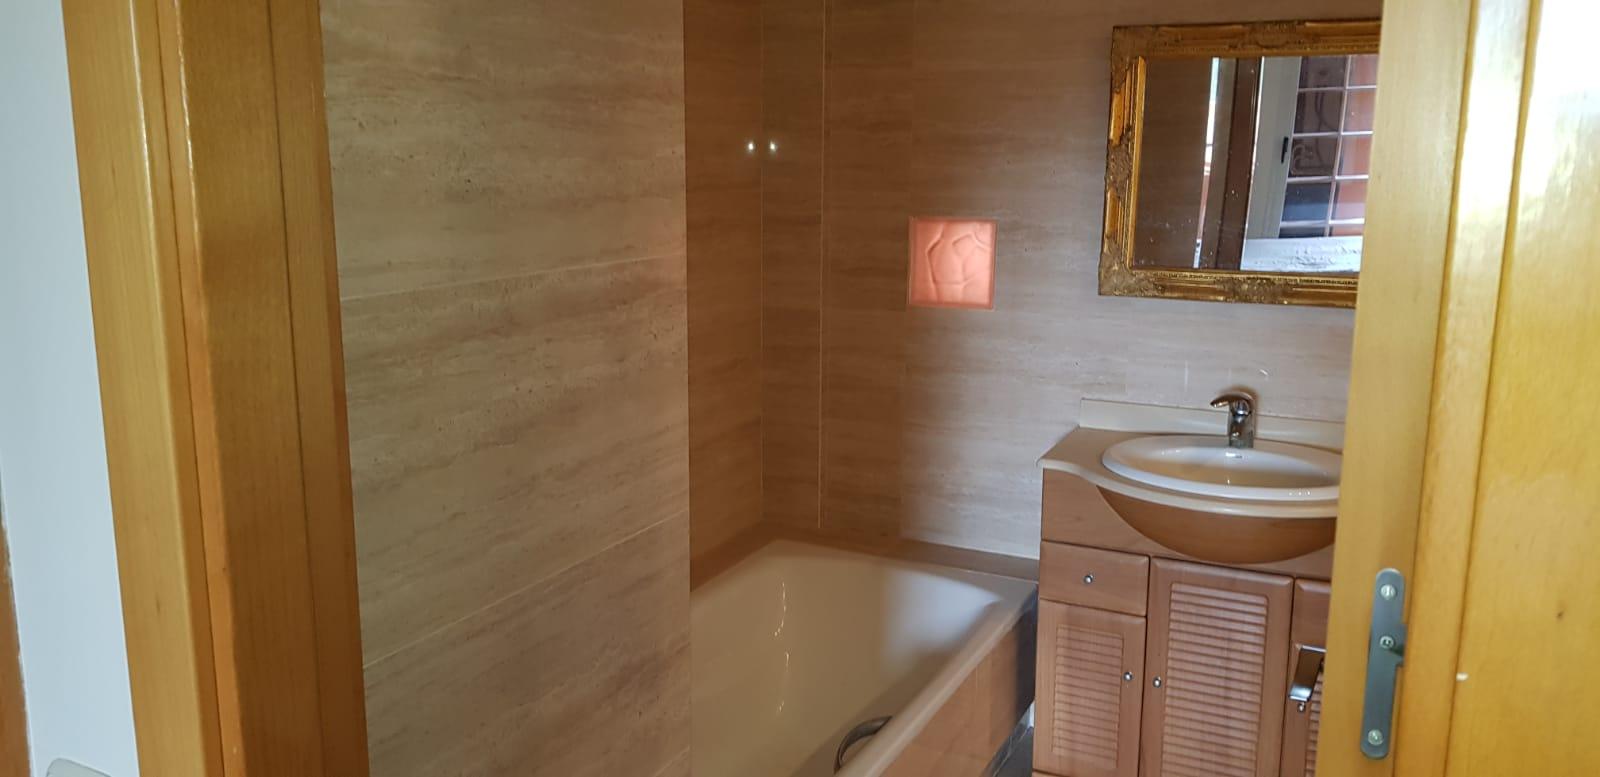 Apartment with 2 bedrooms with 2 bathrooms en suite in Roca Llisa